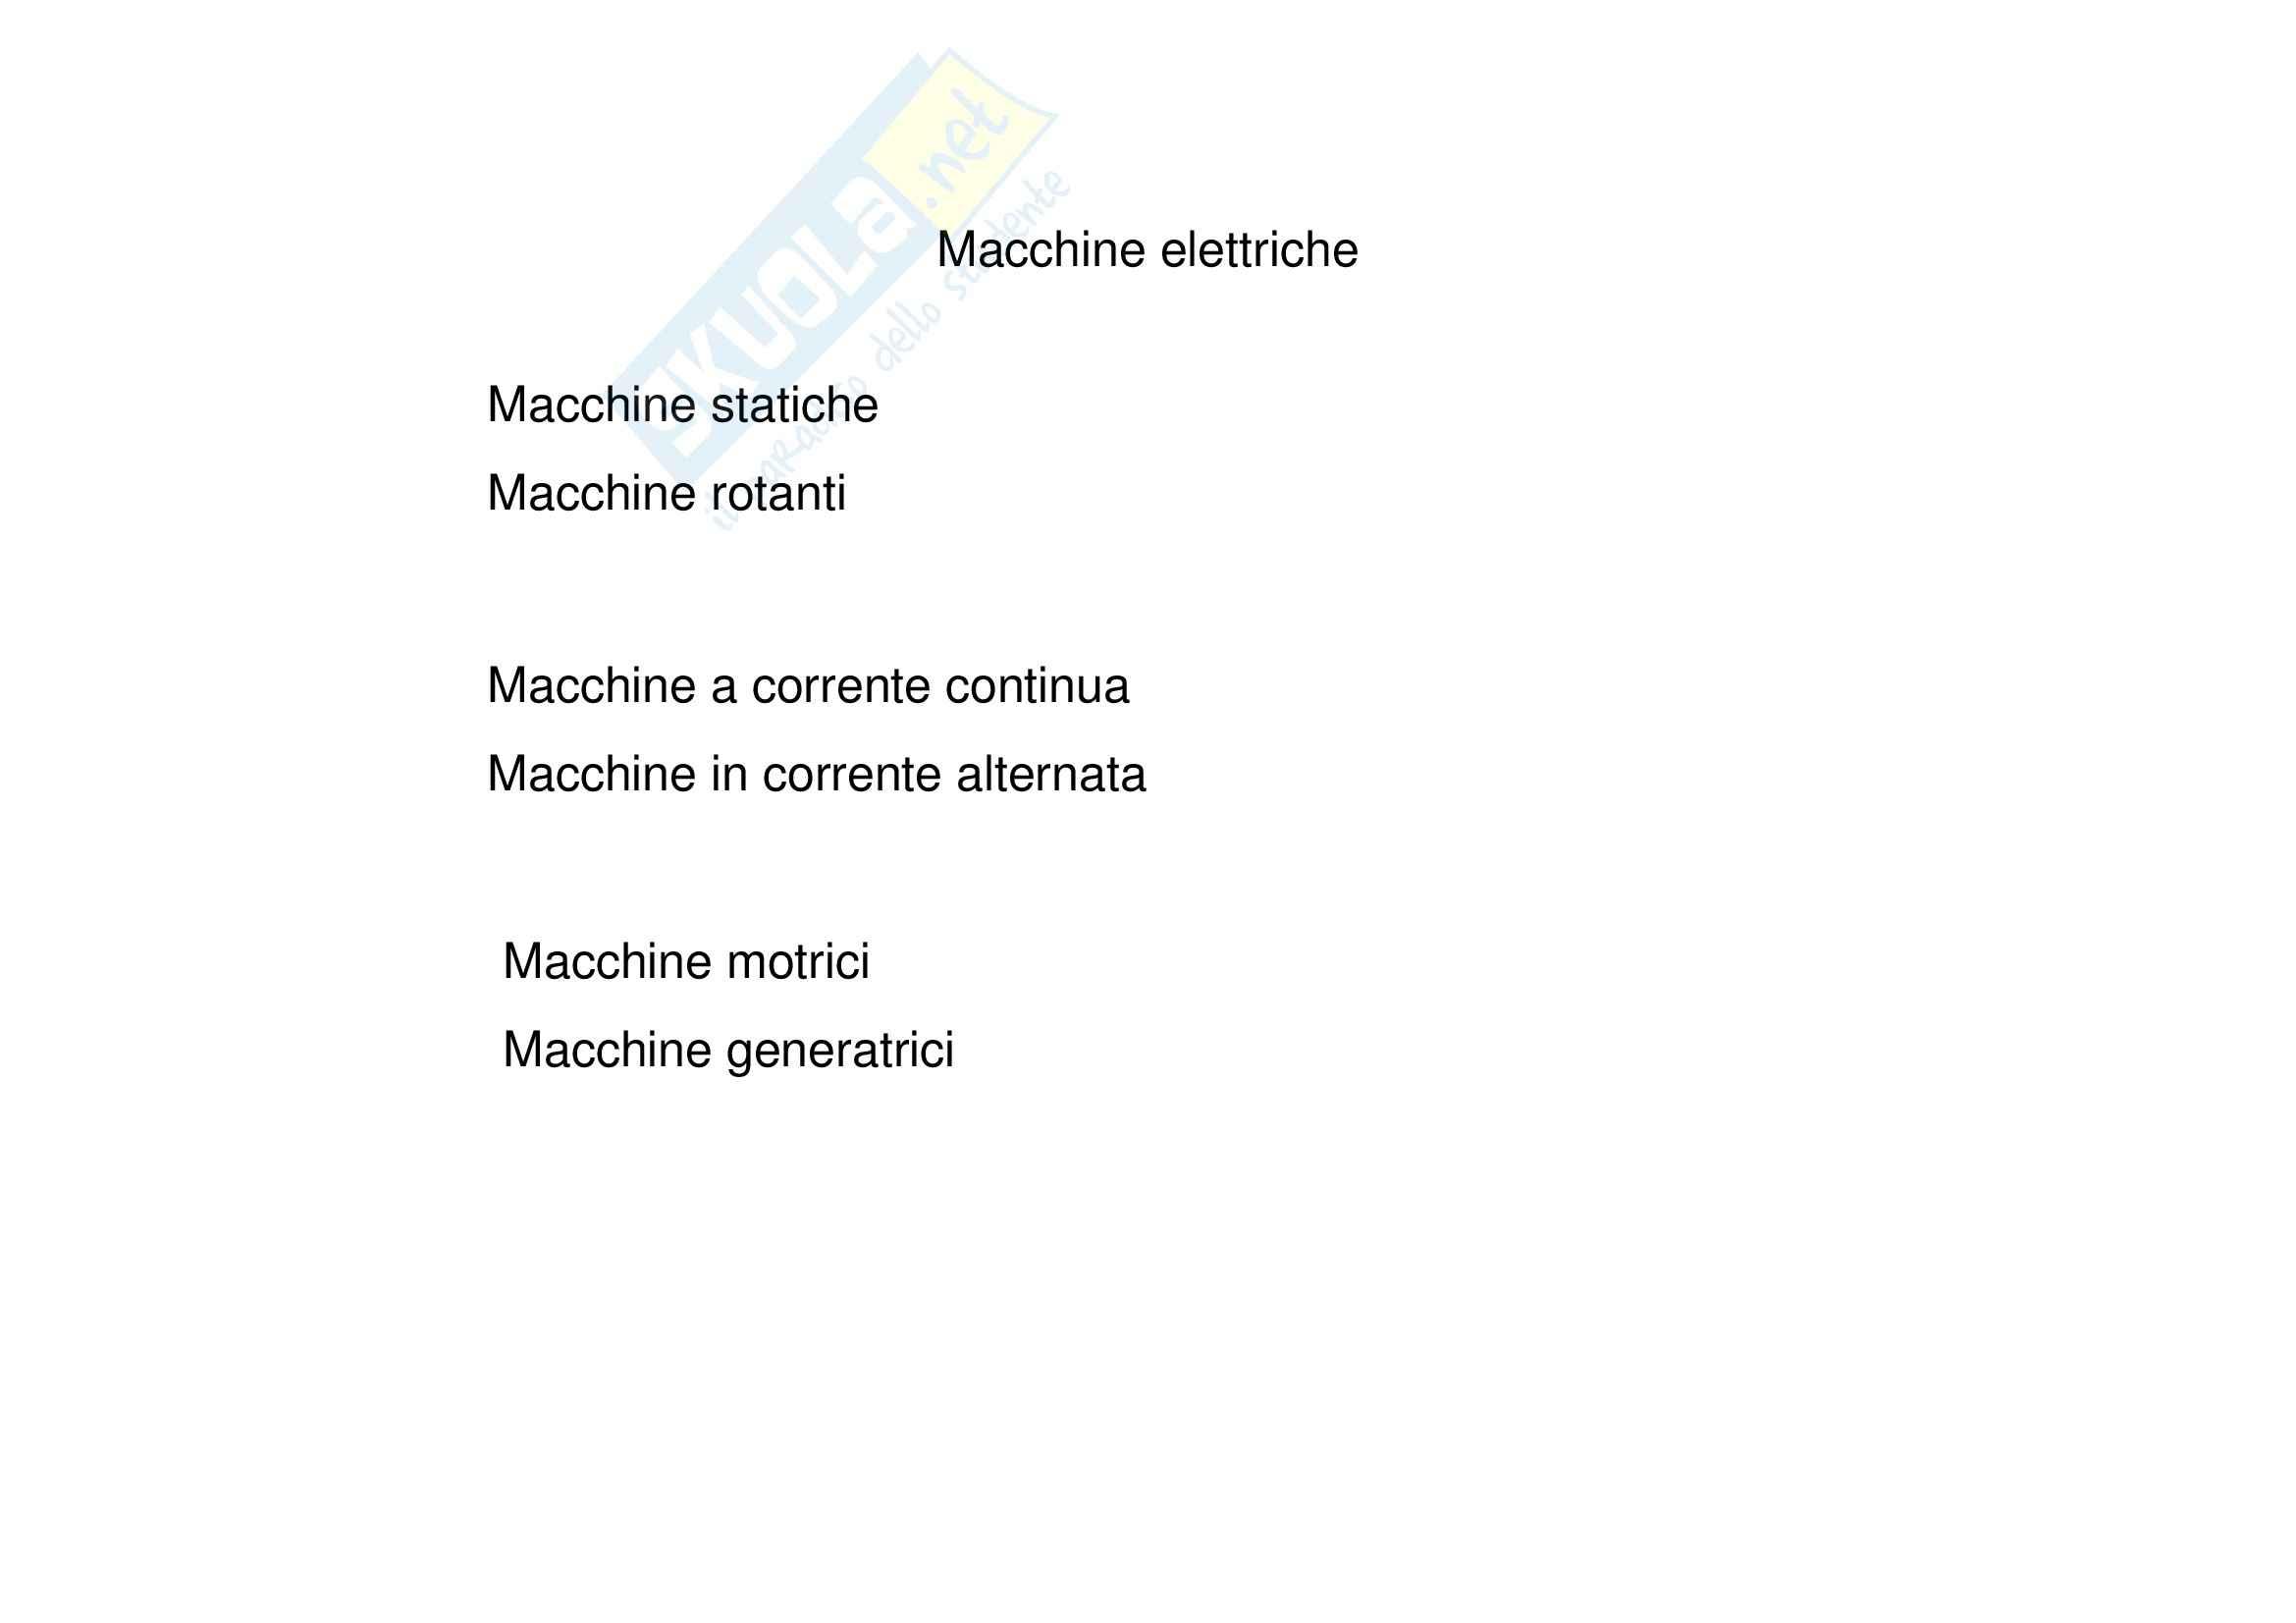 Macchine elettriche - Motore a corrente continua